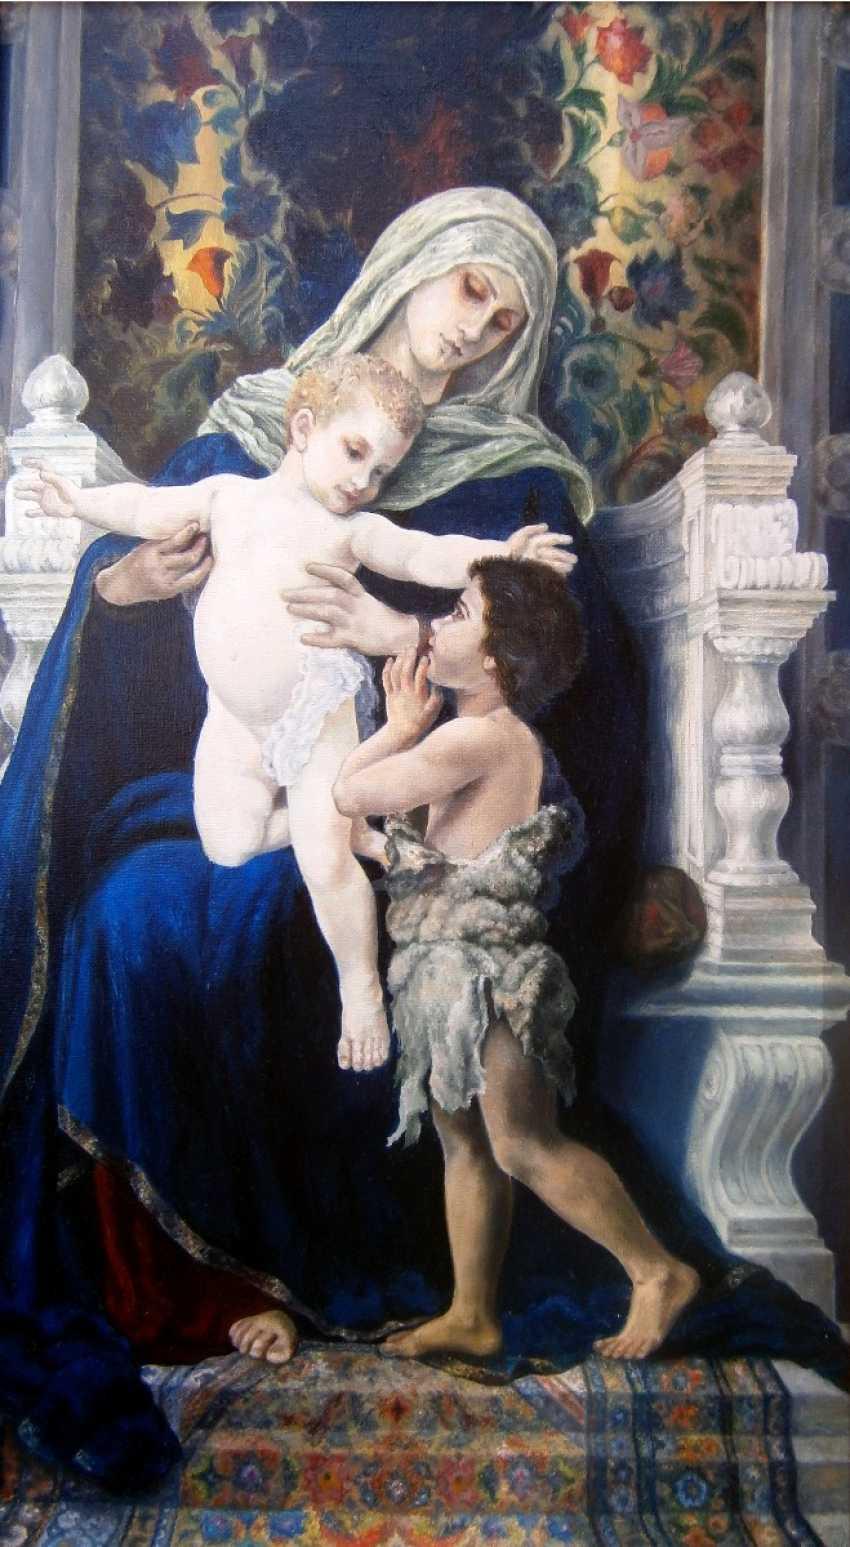 Наталья Самсонова. Богородица с младенцем Христом Св.Иоанном Крестителем - фото 1